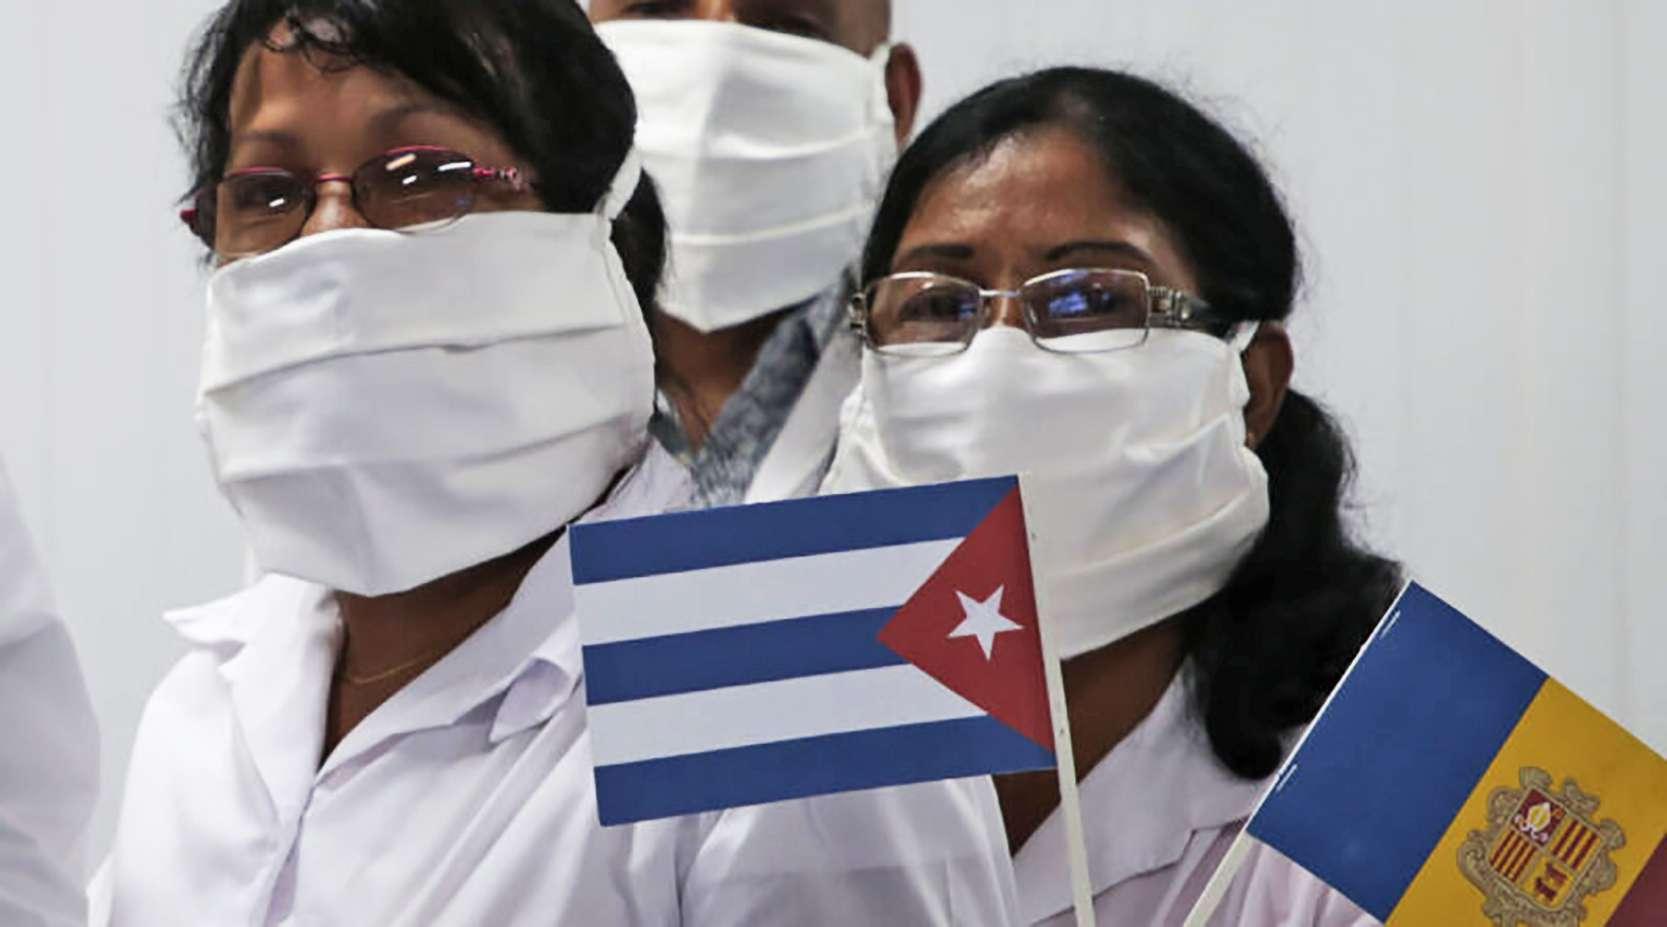 κουβανική ιατρική διεθνιστική βοήθεια κλείνει έξι δεκαετίες